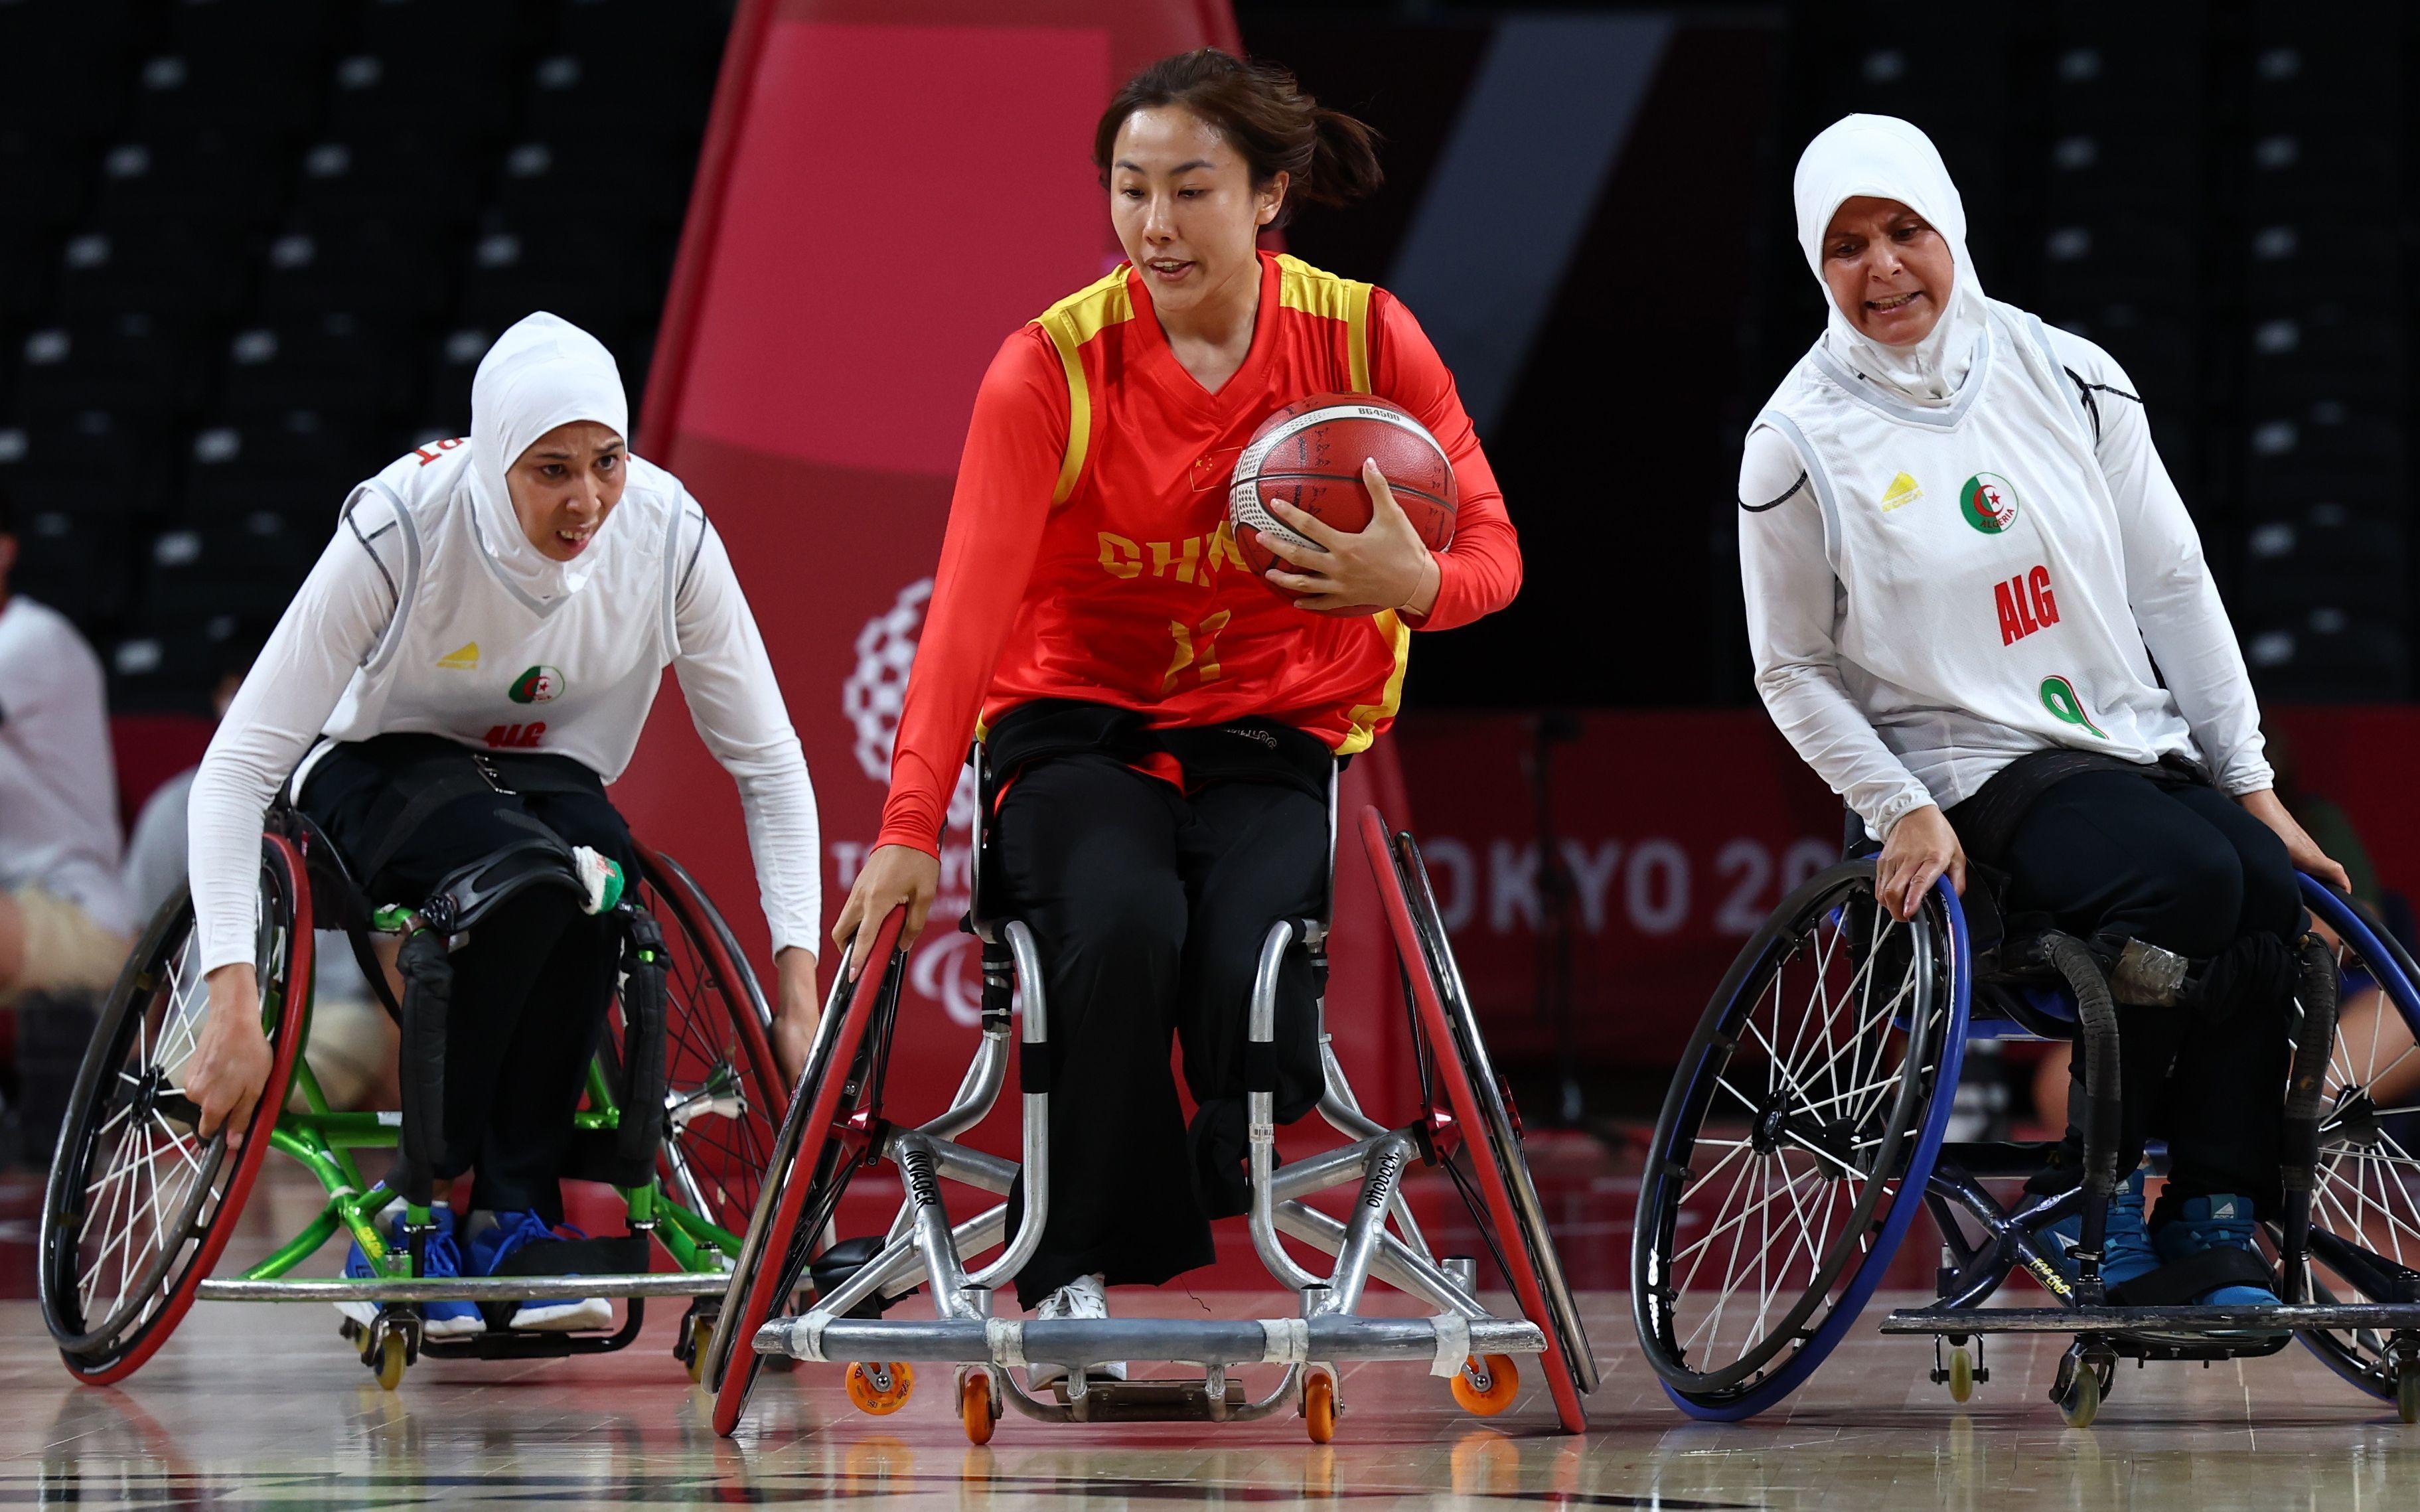 中国轮椅篮球队以74比25击败阿尔及利亚队,获得开门红